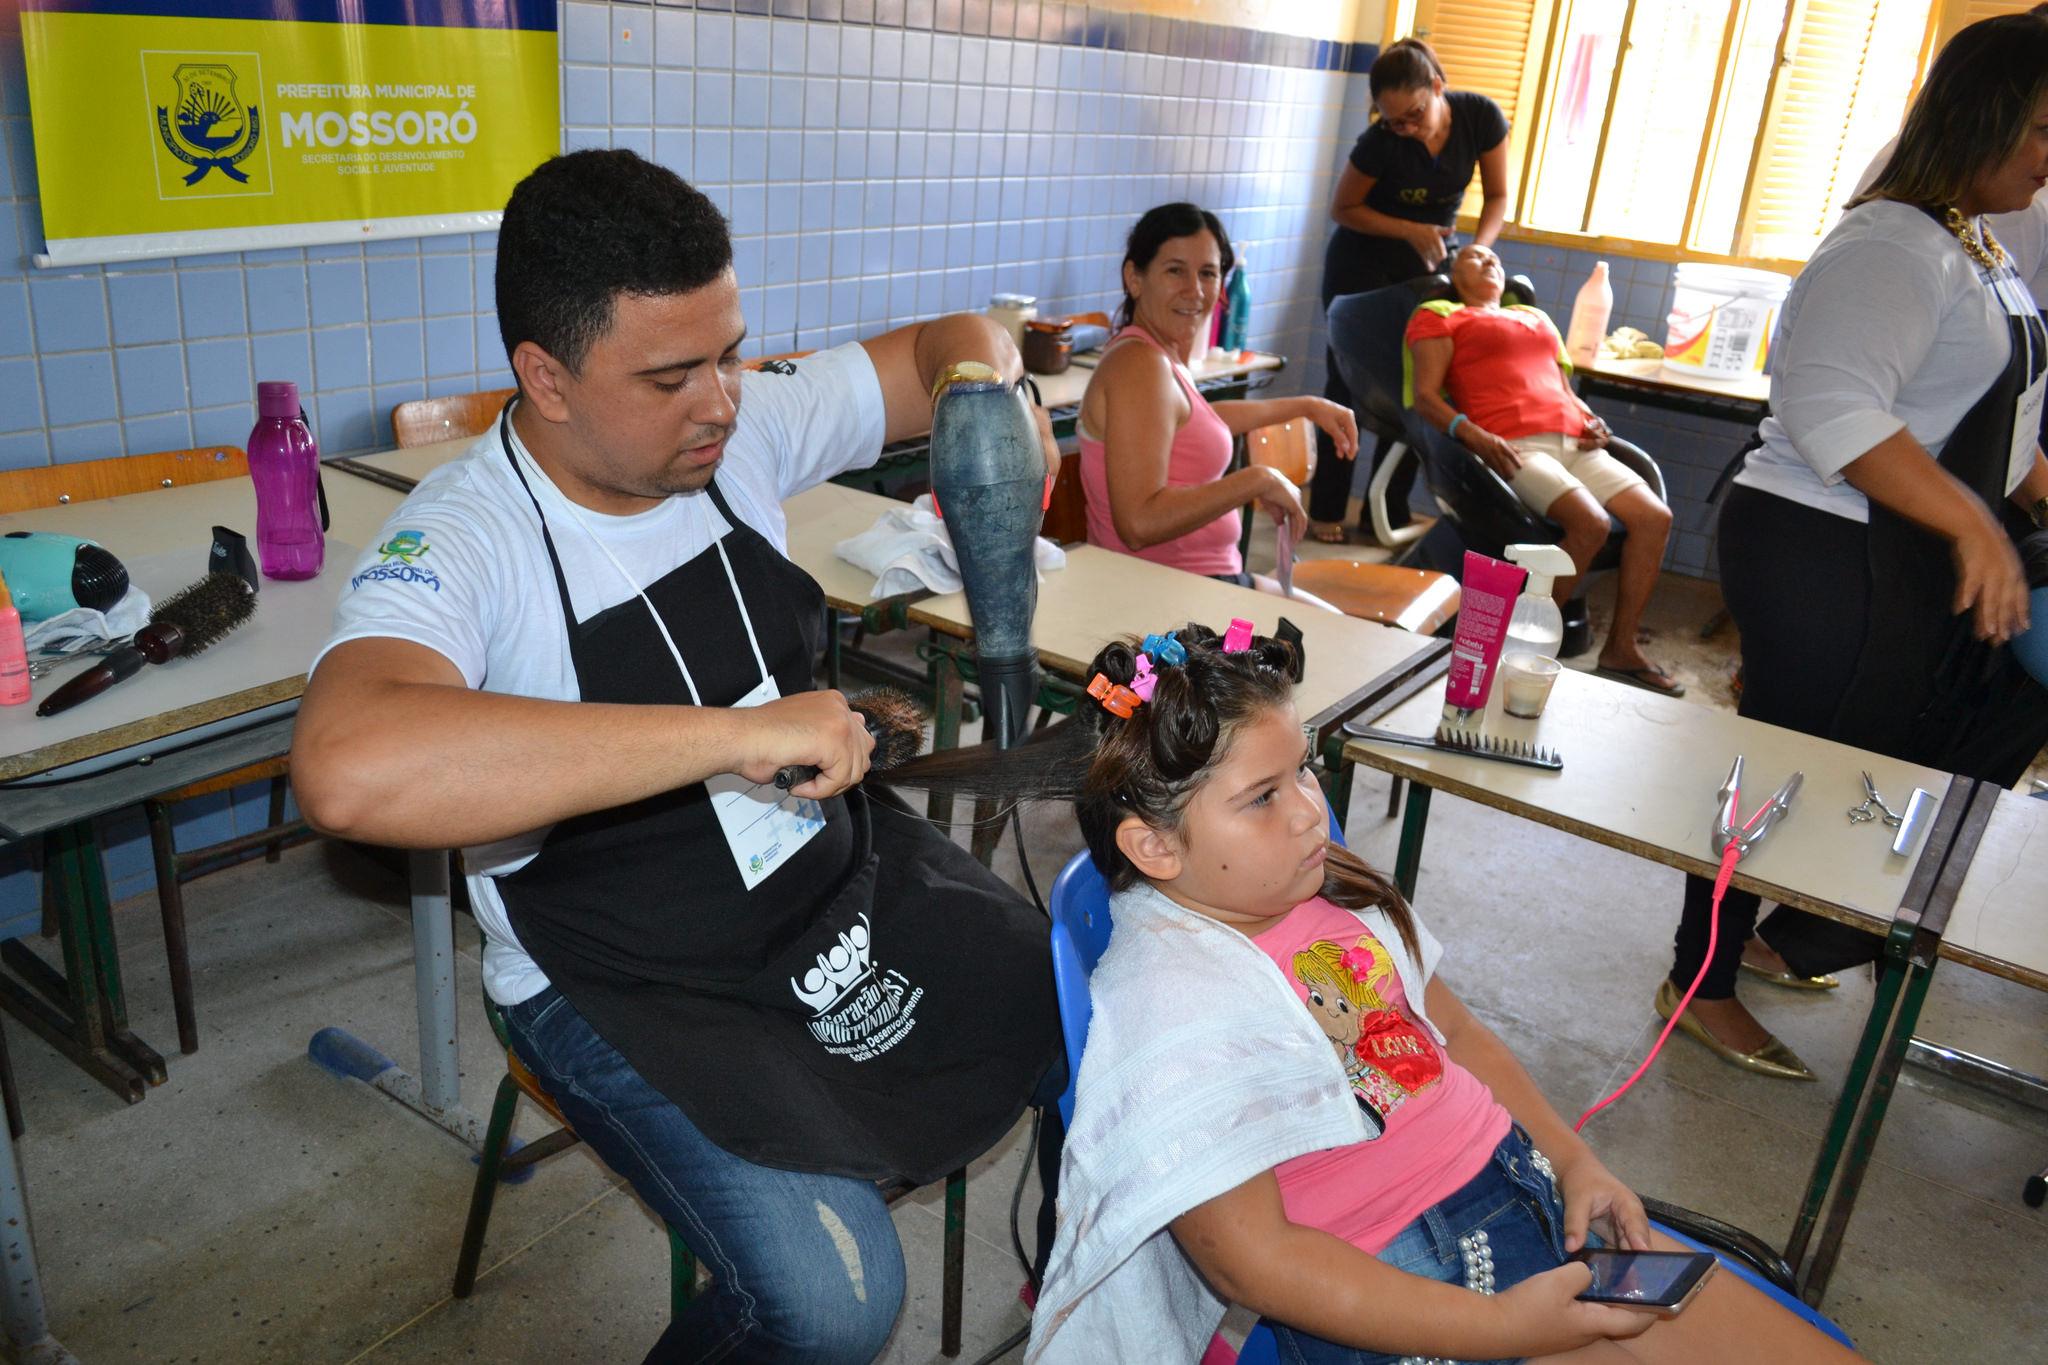 População do Santo Antônio é beneficiada com serviços do Mossoró Mais Cidadã